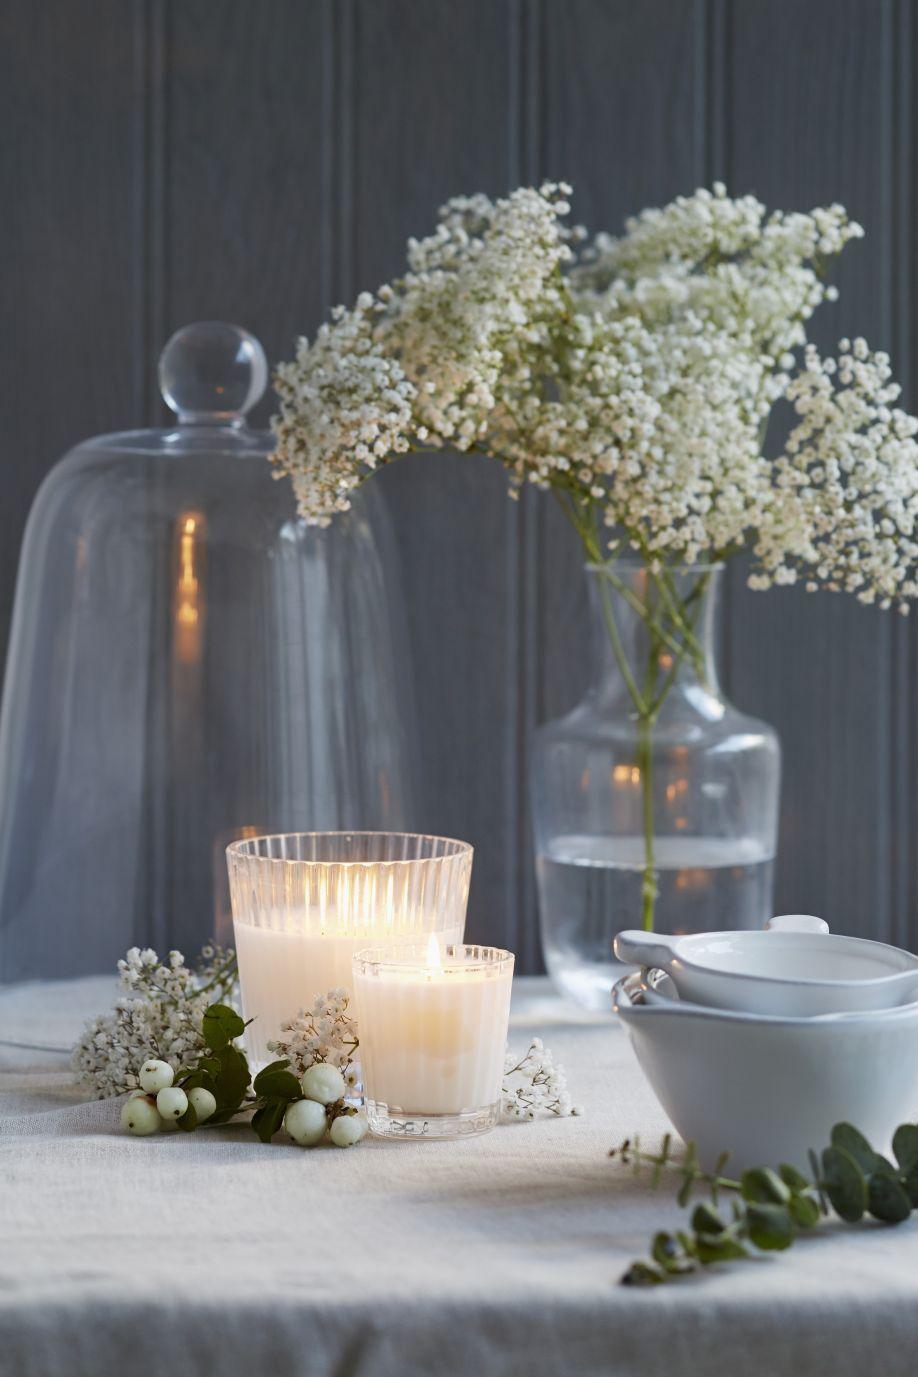 decoratie bruiloft kaarsjes bloemen en stolp